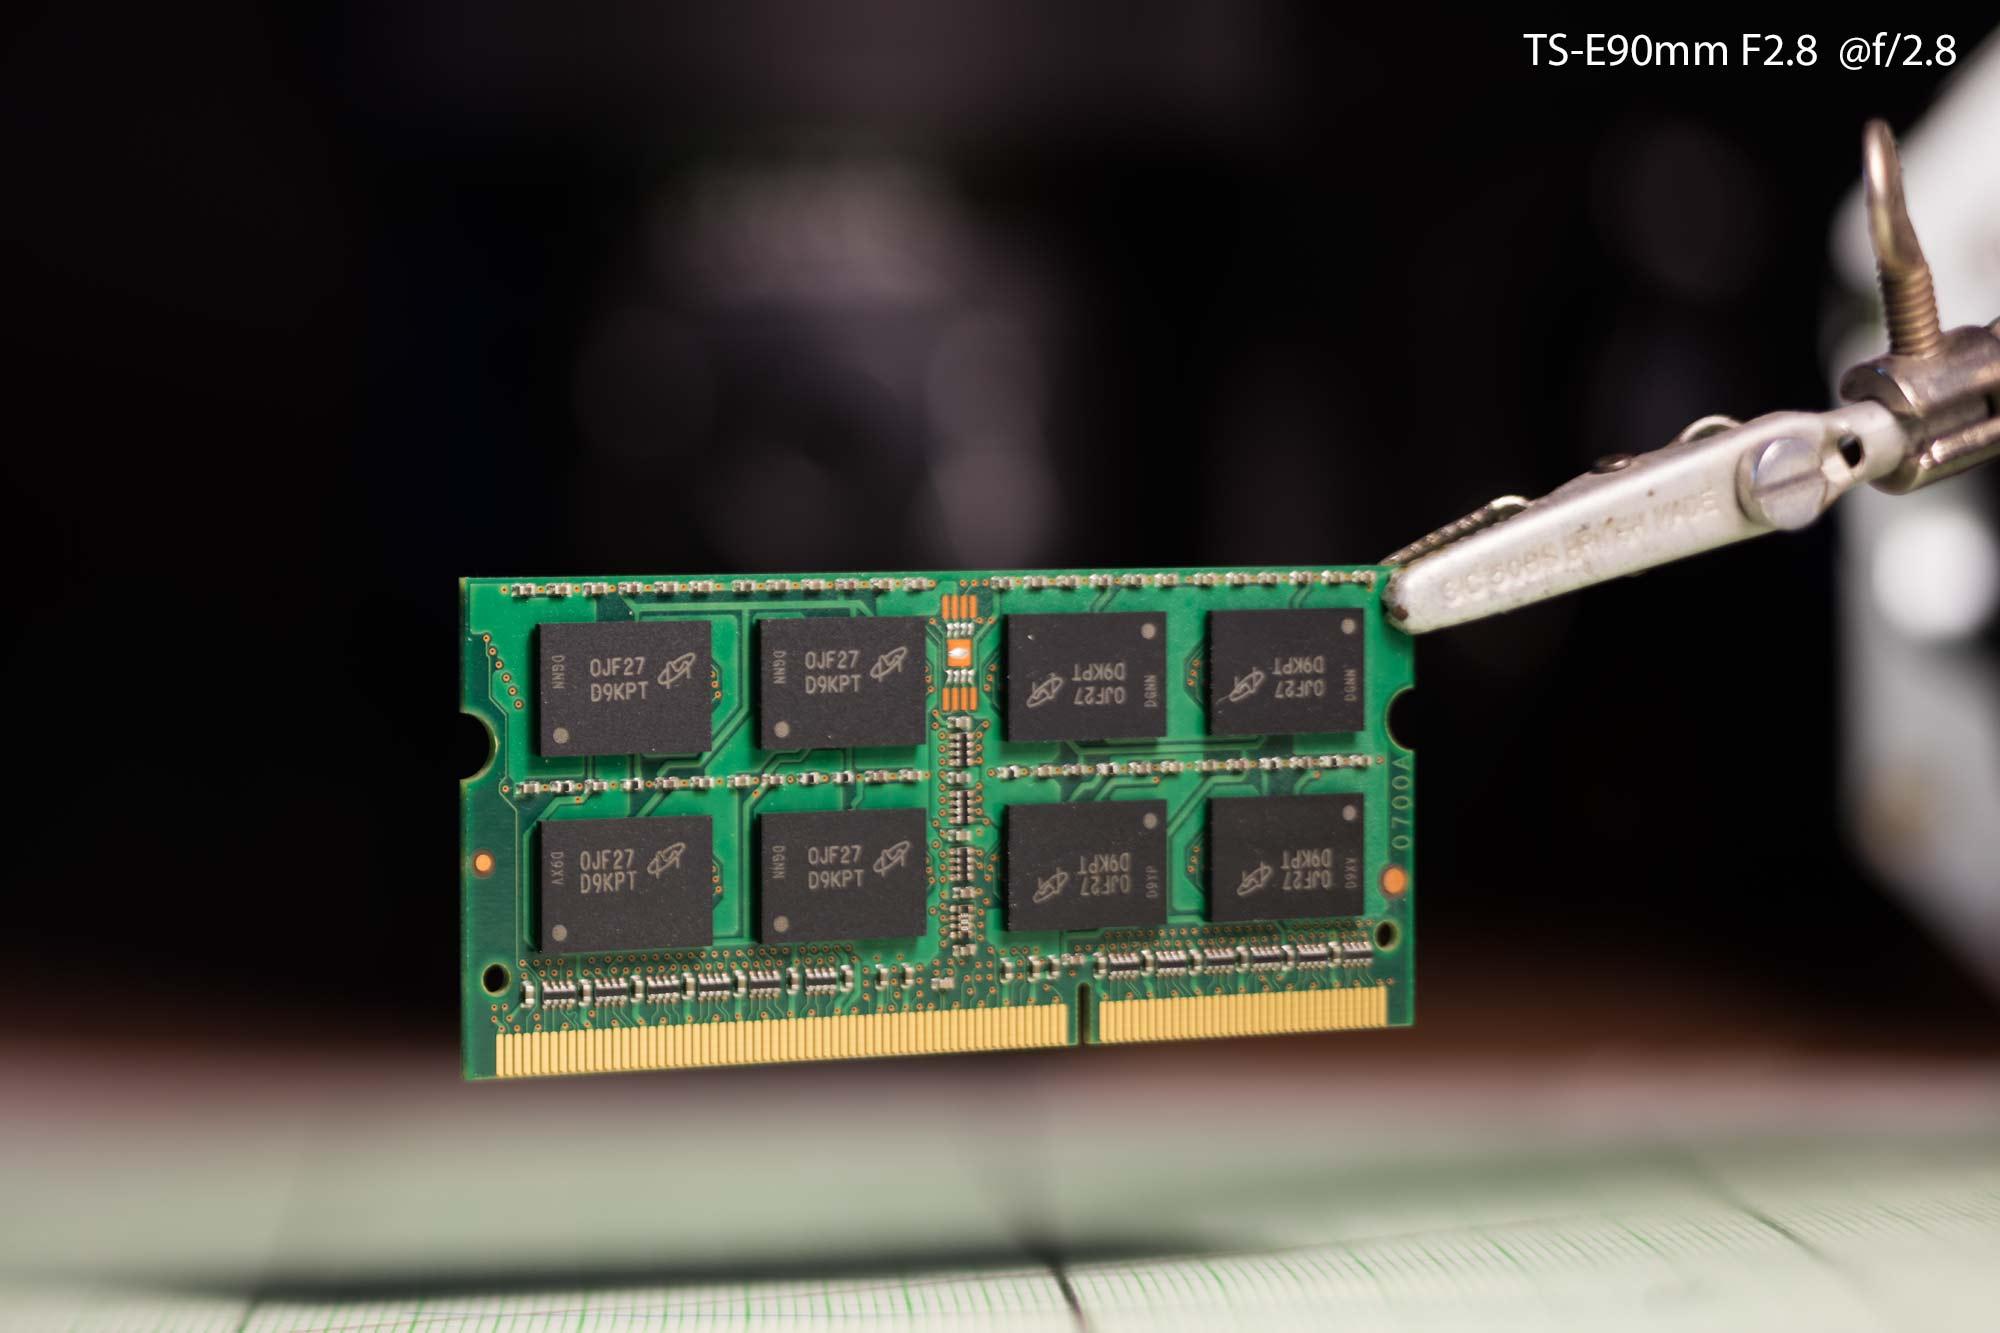 ts-e90-chip 2.8